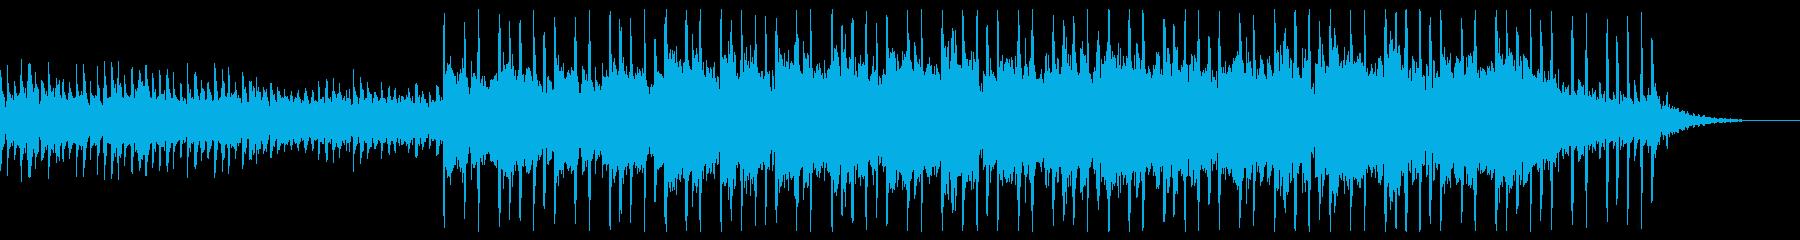 ホラー・サスペンスの探索シーンの再生済みの波形